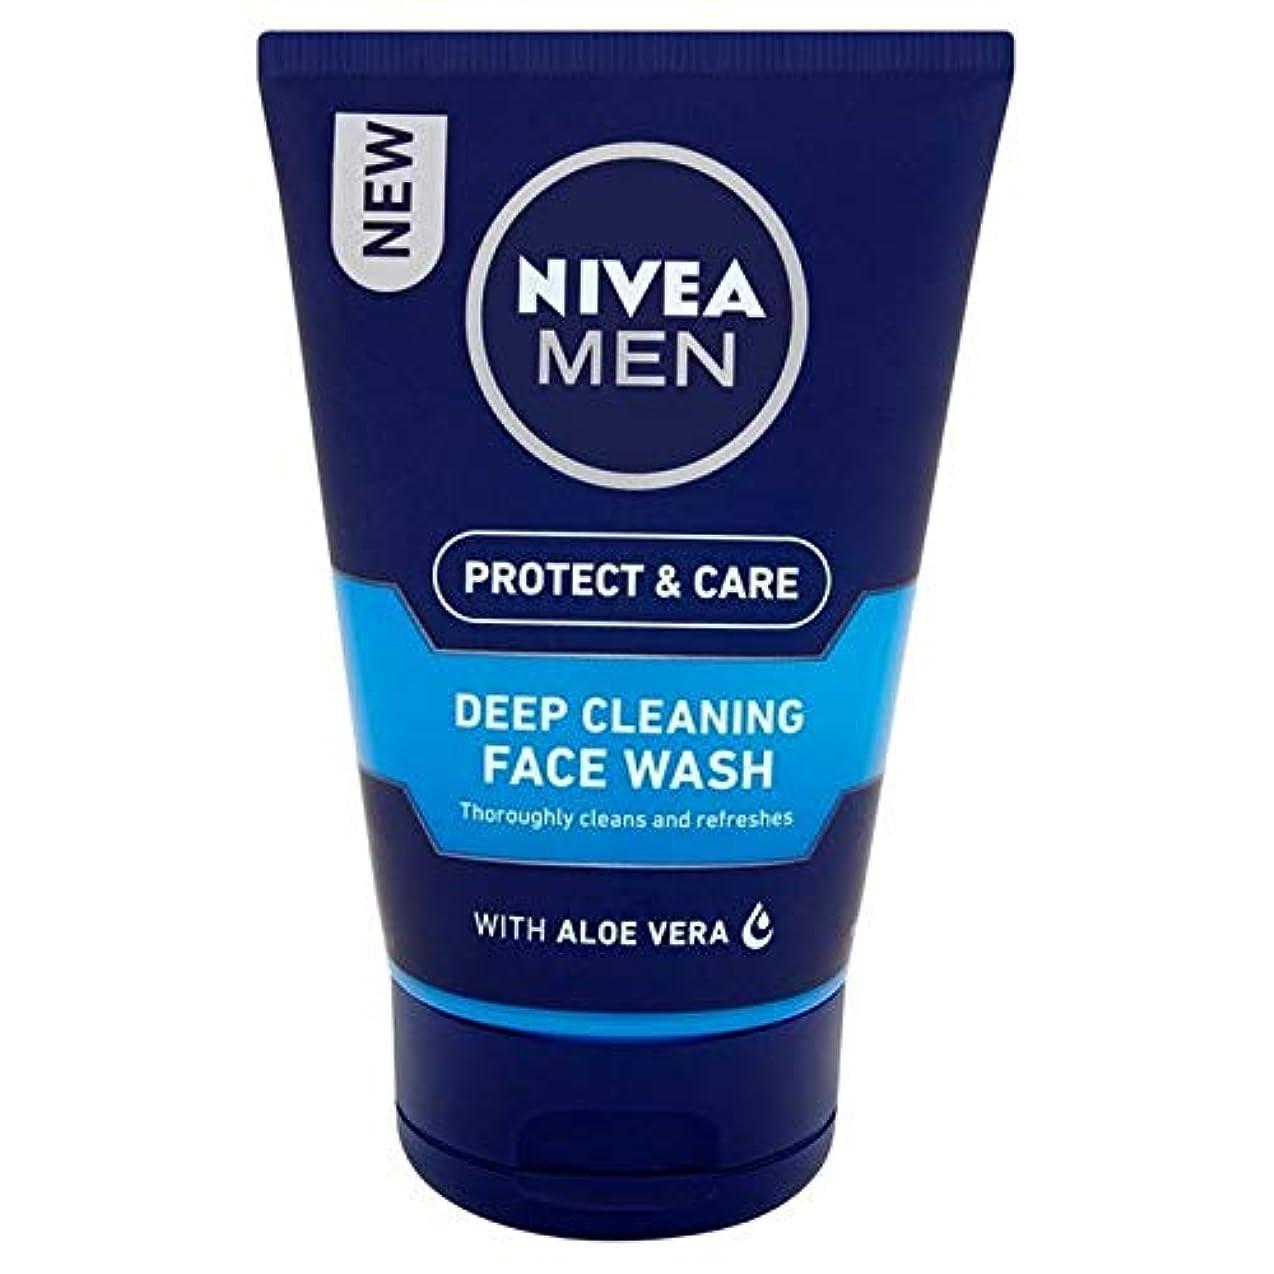 開始午後曲げる[Nivea ] ニベアの男性深いクリーニング洗顔の100ミリリットル - Nivea Men Deep Cleaning Face Wash 100ml [並行輸入品]